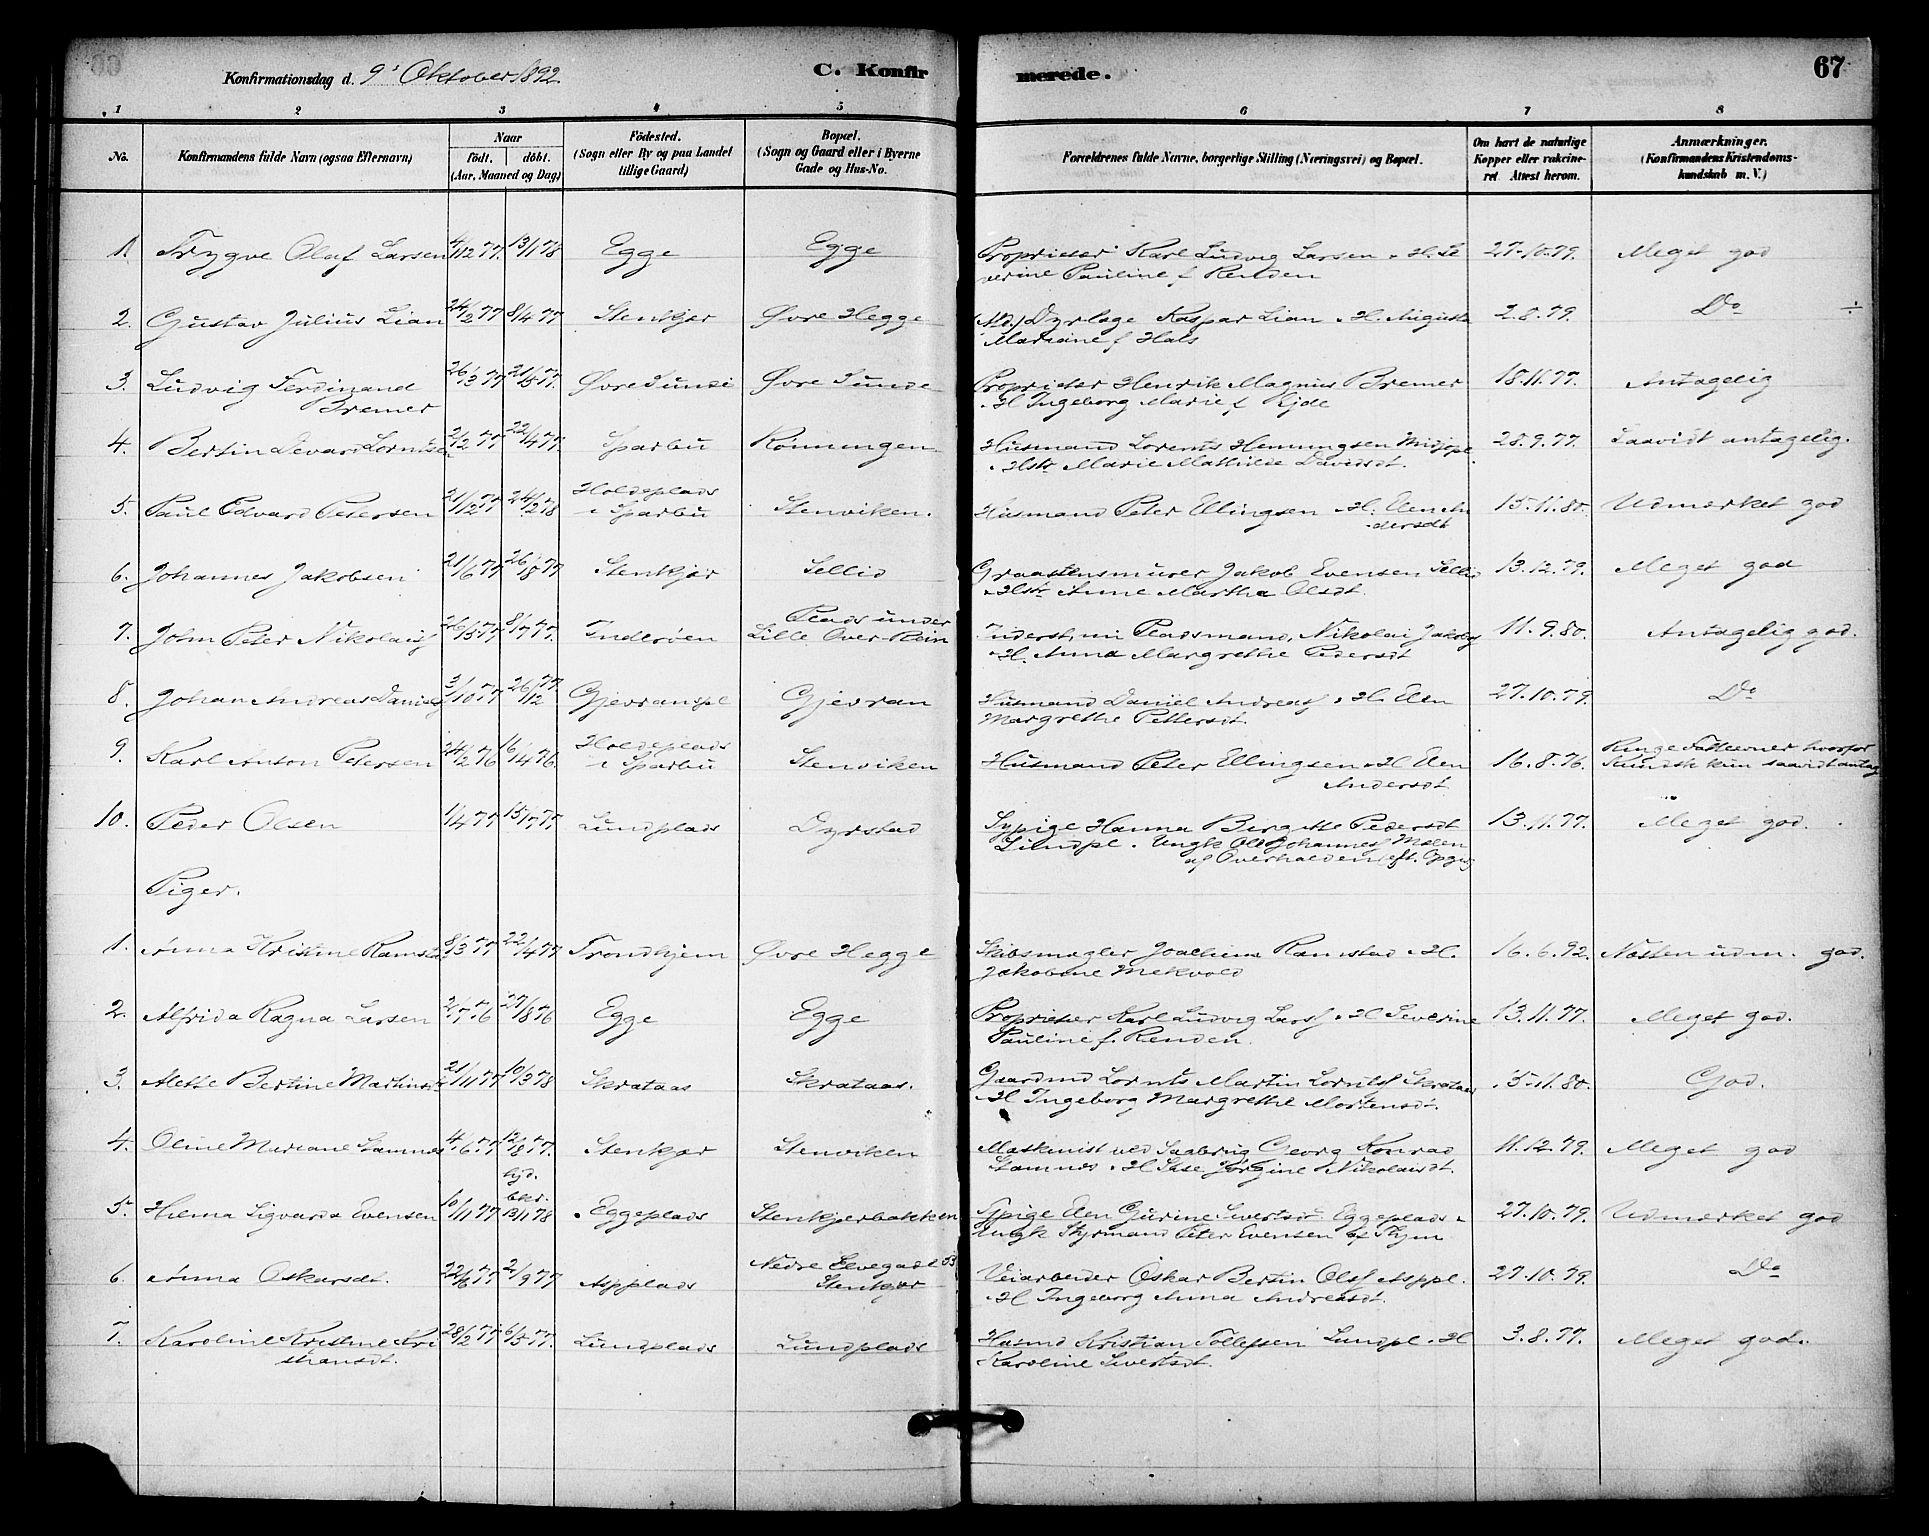 SAT, Ministerialprotokoller, klokkerbøker og fødselsregistre - Nord-Trøndelag, 740/L0378: Ministerialbok nr. 740A01, 1881-1895, s. 67